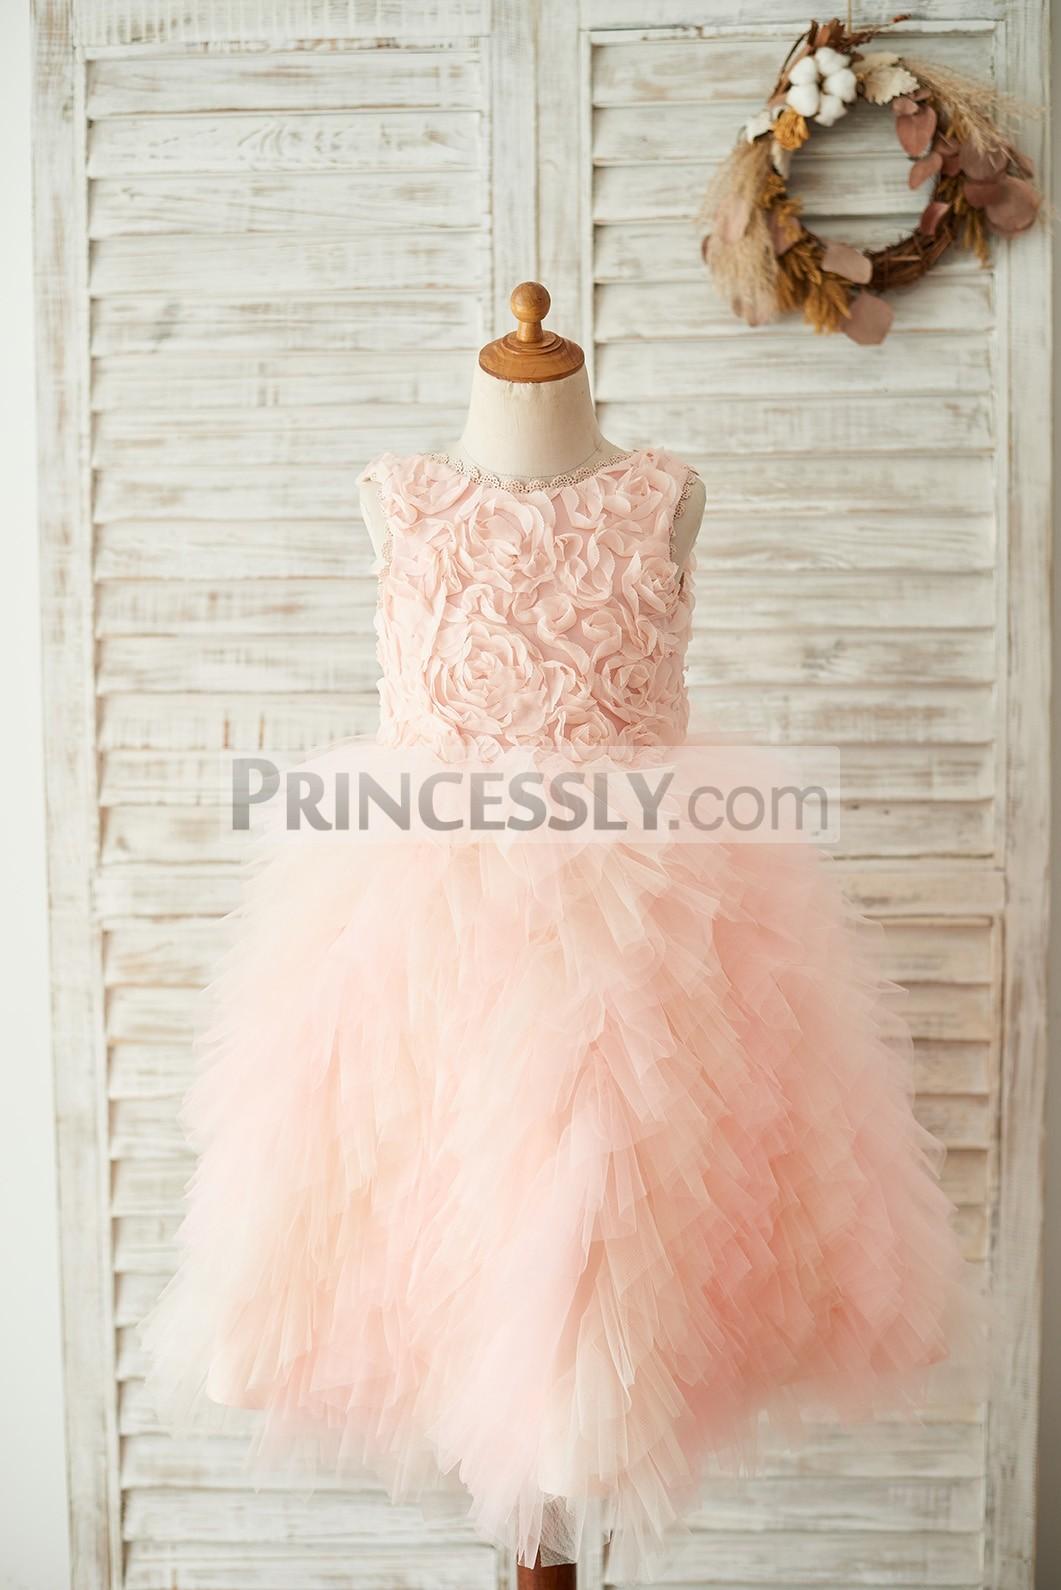 Rosette tiered ruffle tulle flower girl dress